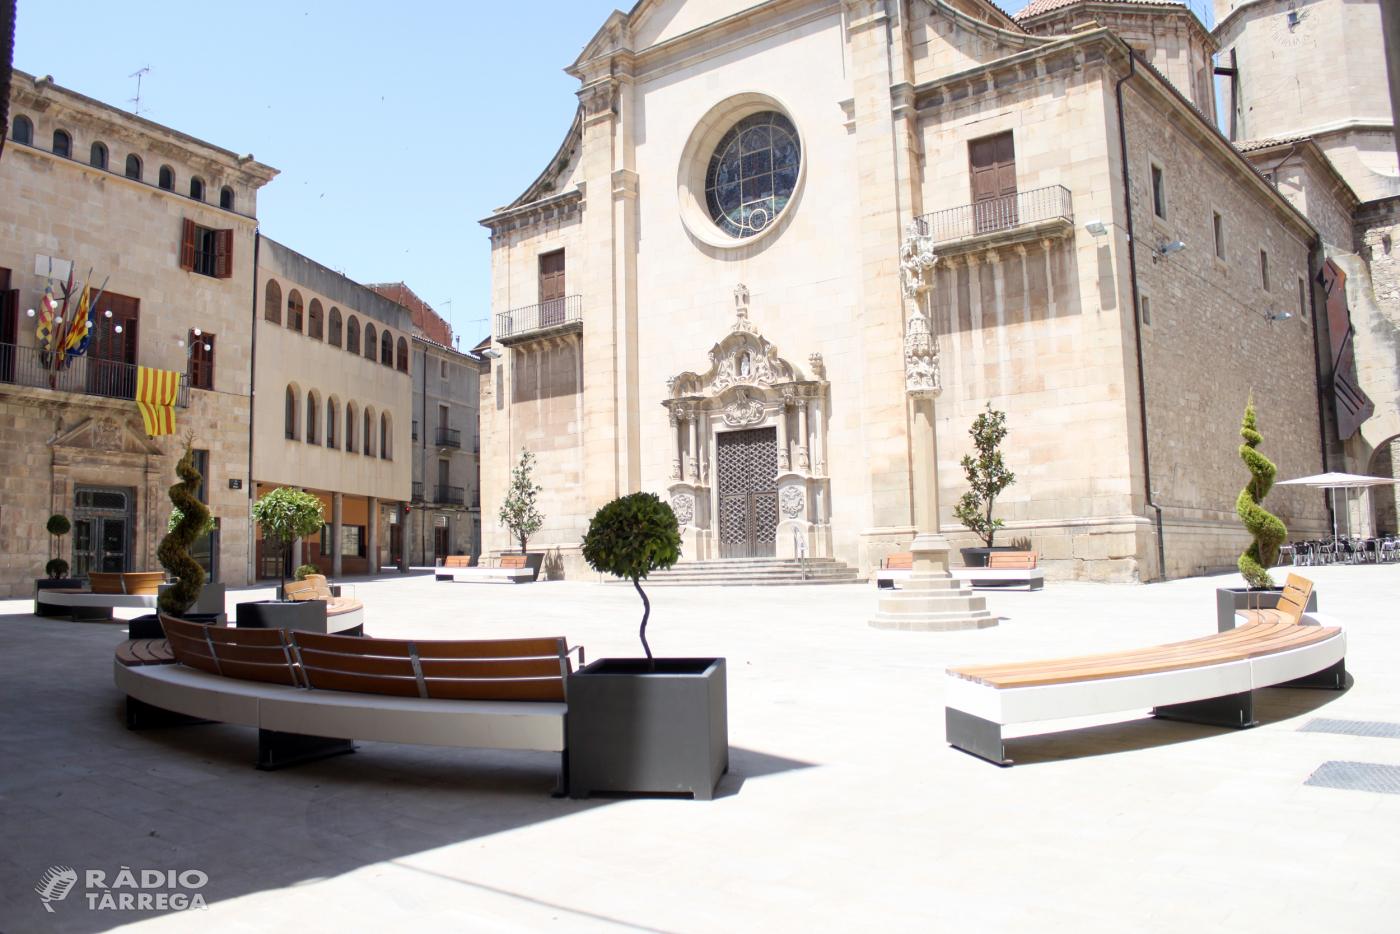 L'Ajuntament de Tàrrega busca cinc joves per a contractes de pràctiques al consistori